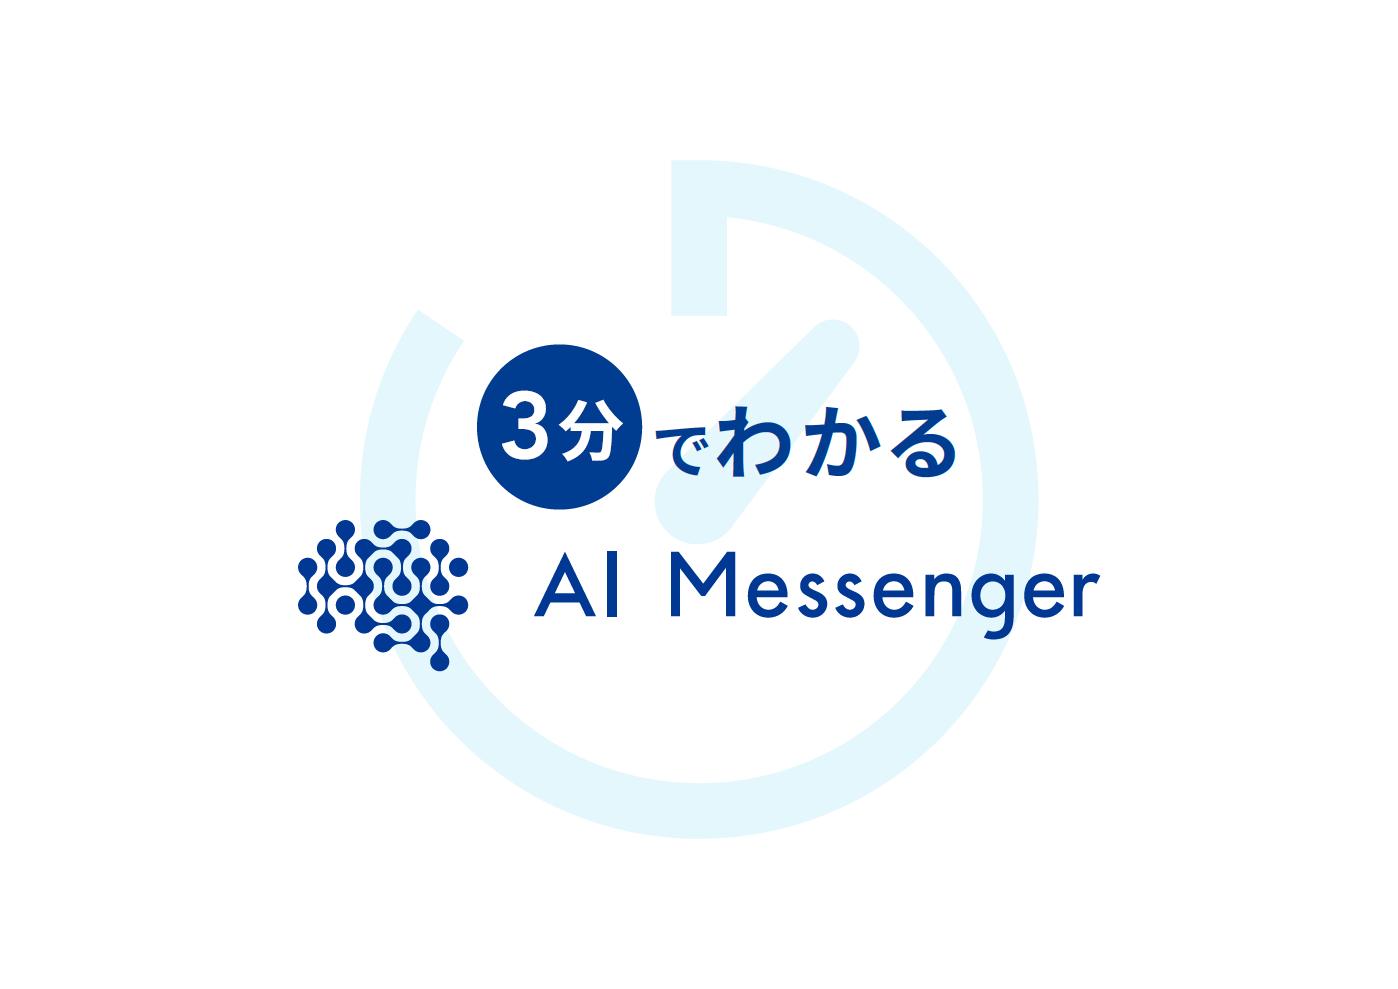 3分で分かるAI Messenger